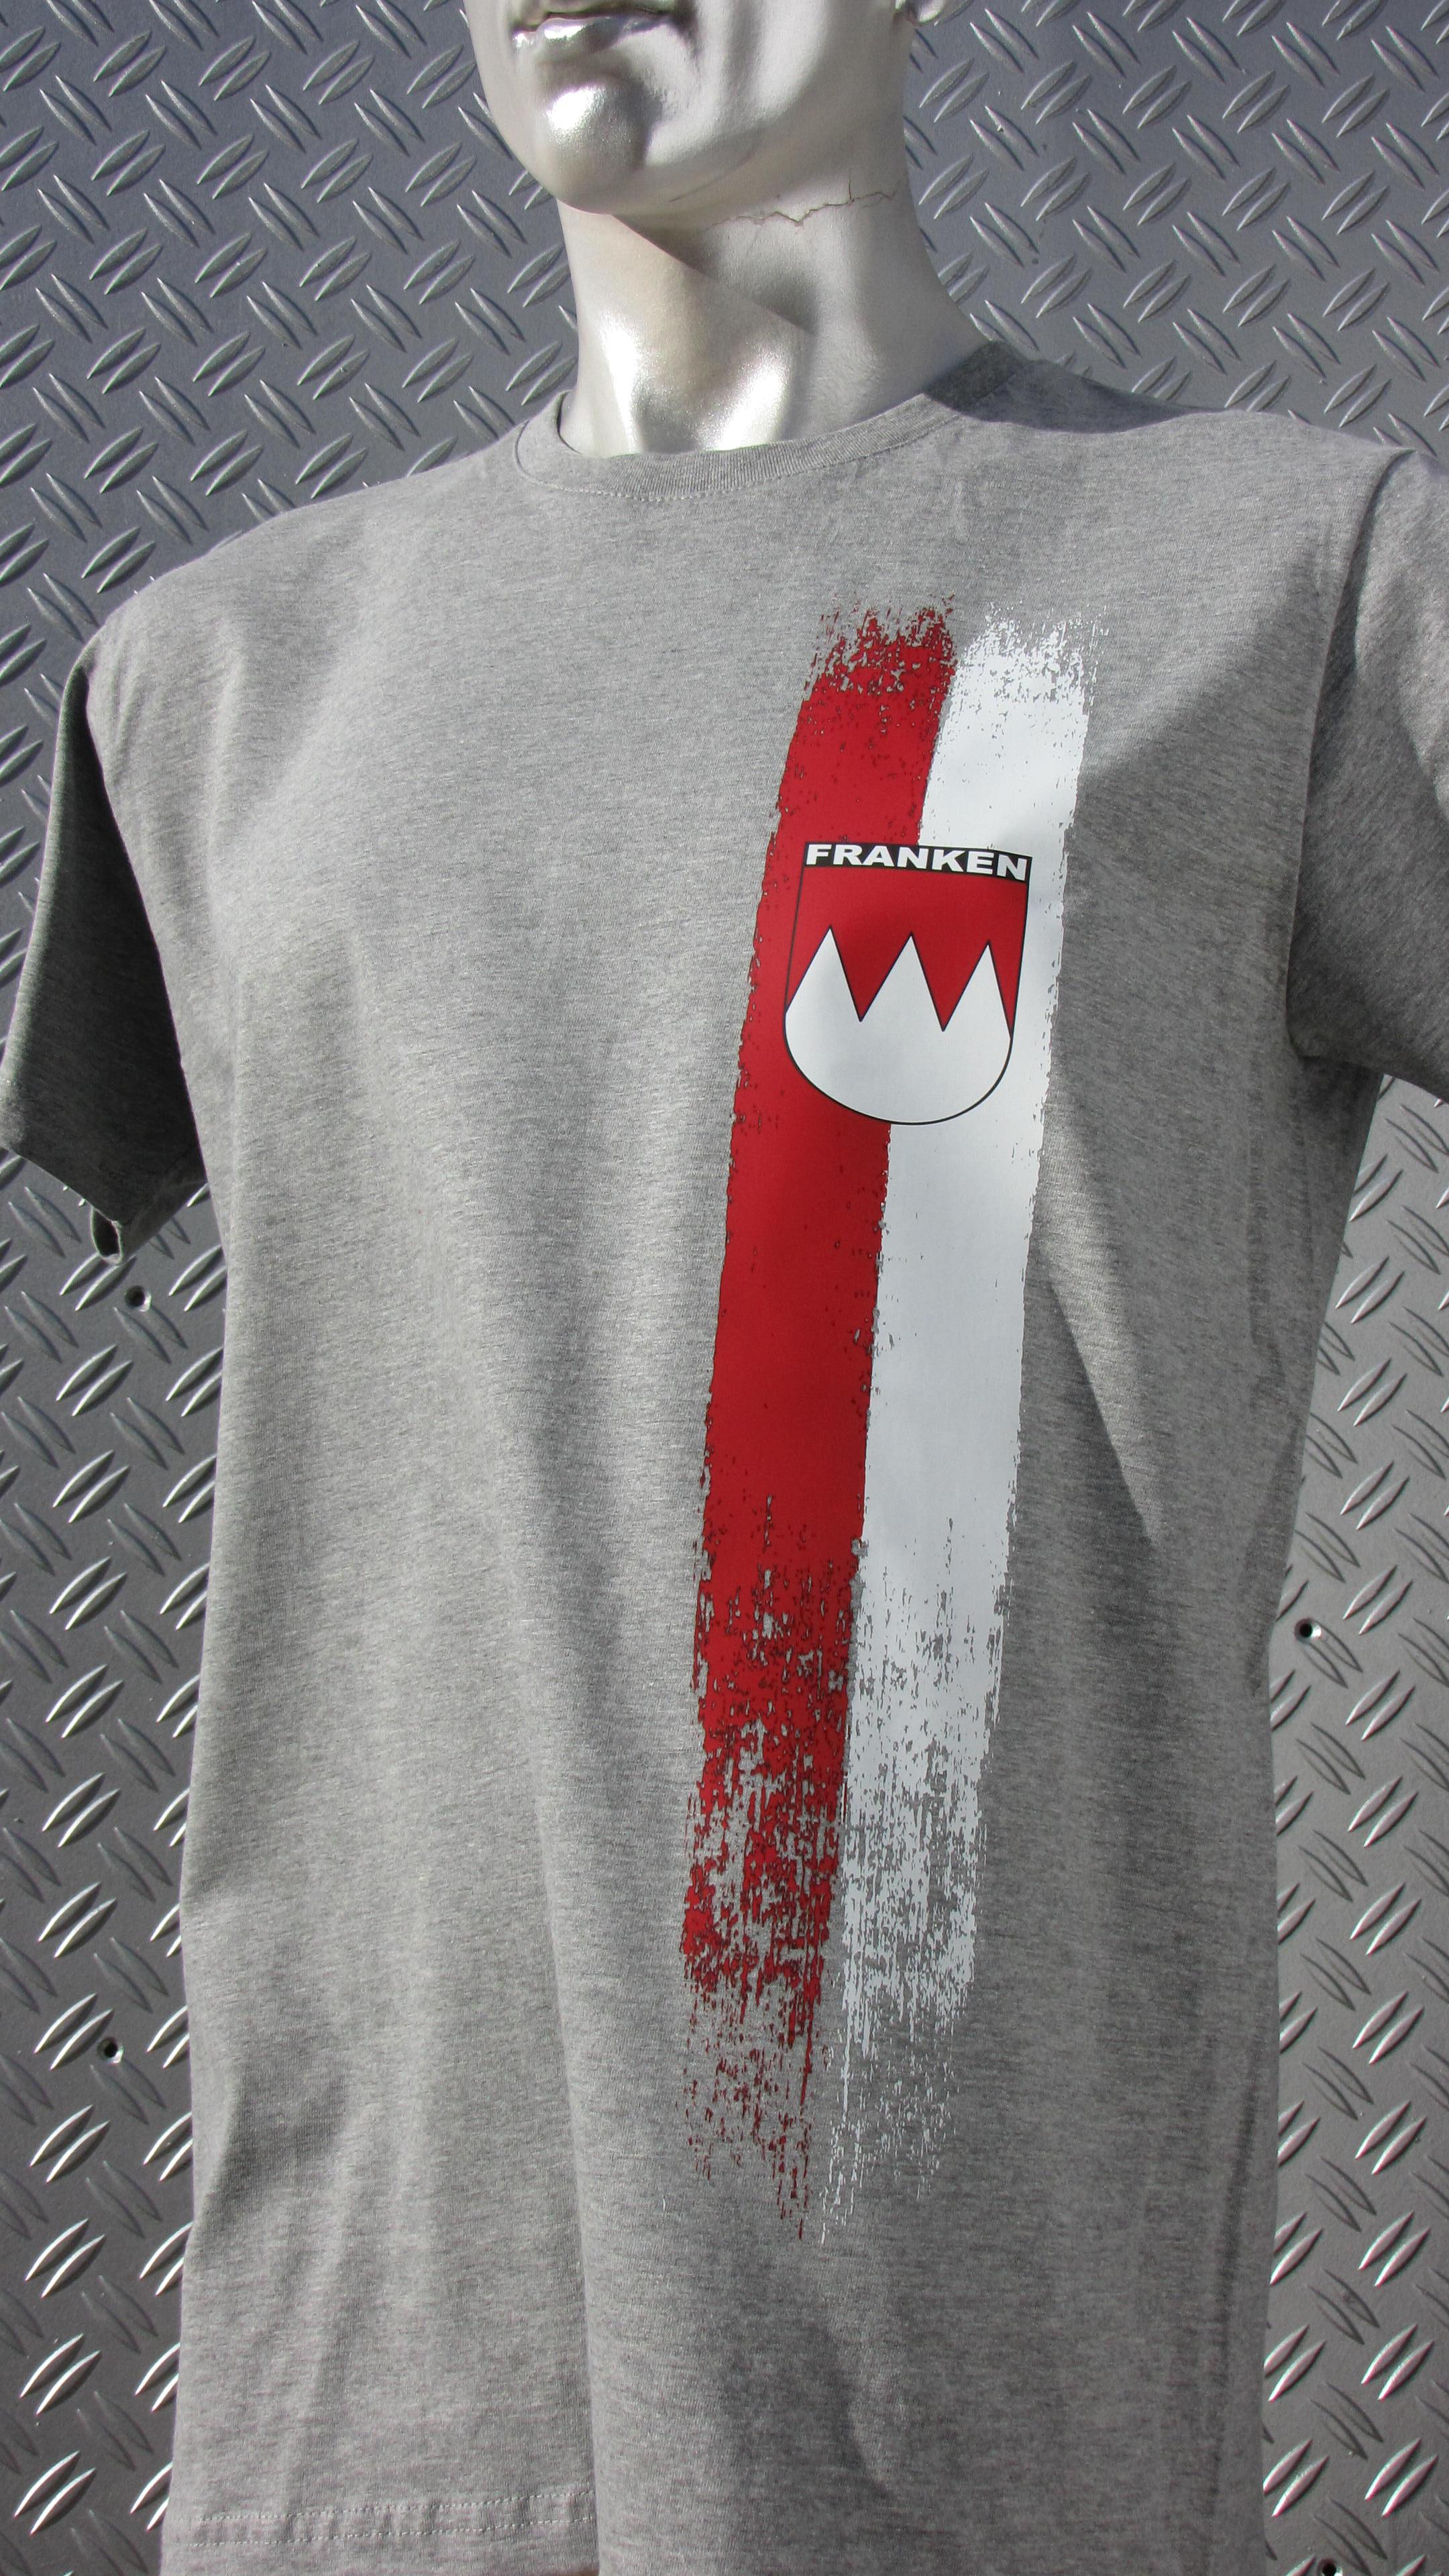 T-Shirt einseitig bedruckt  Franken Vintage Streifen   grau meli